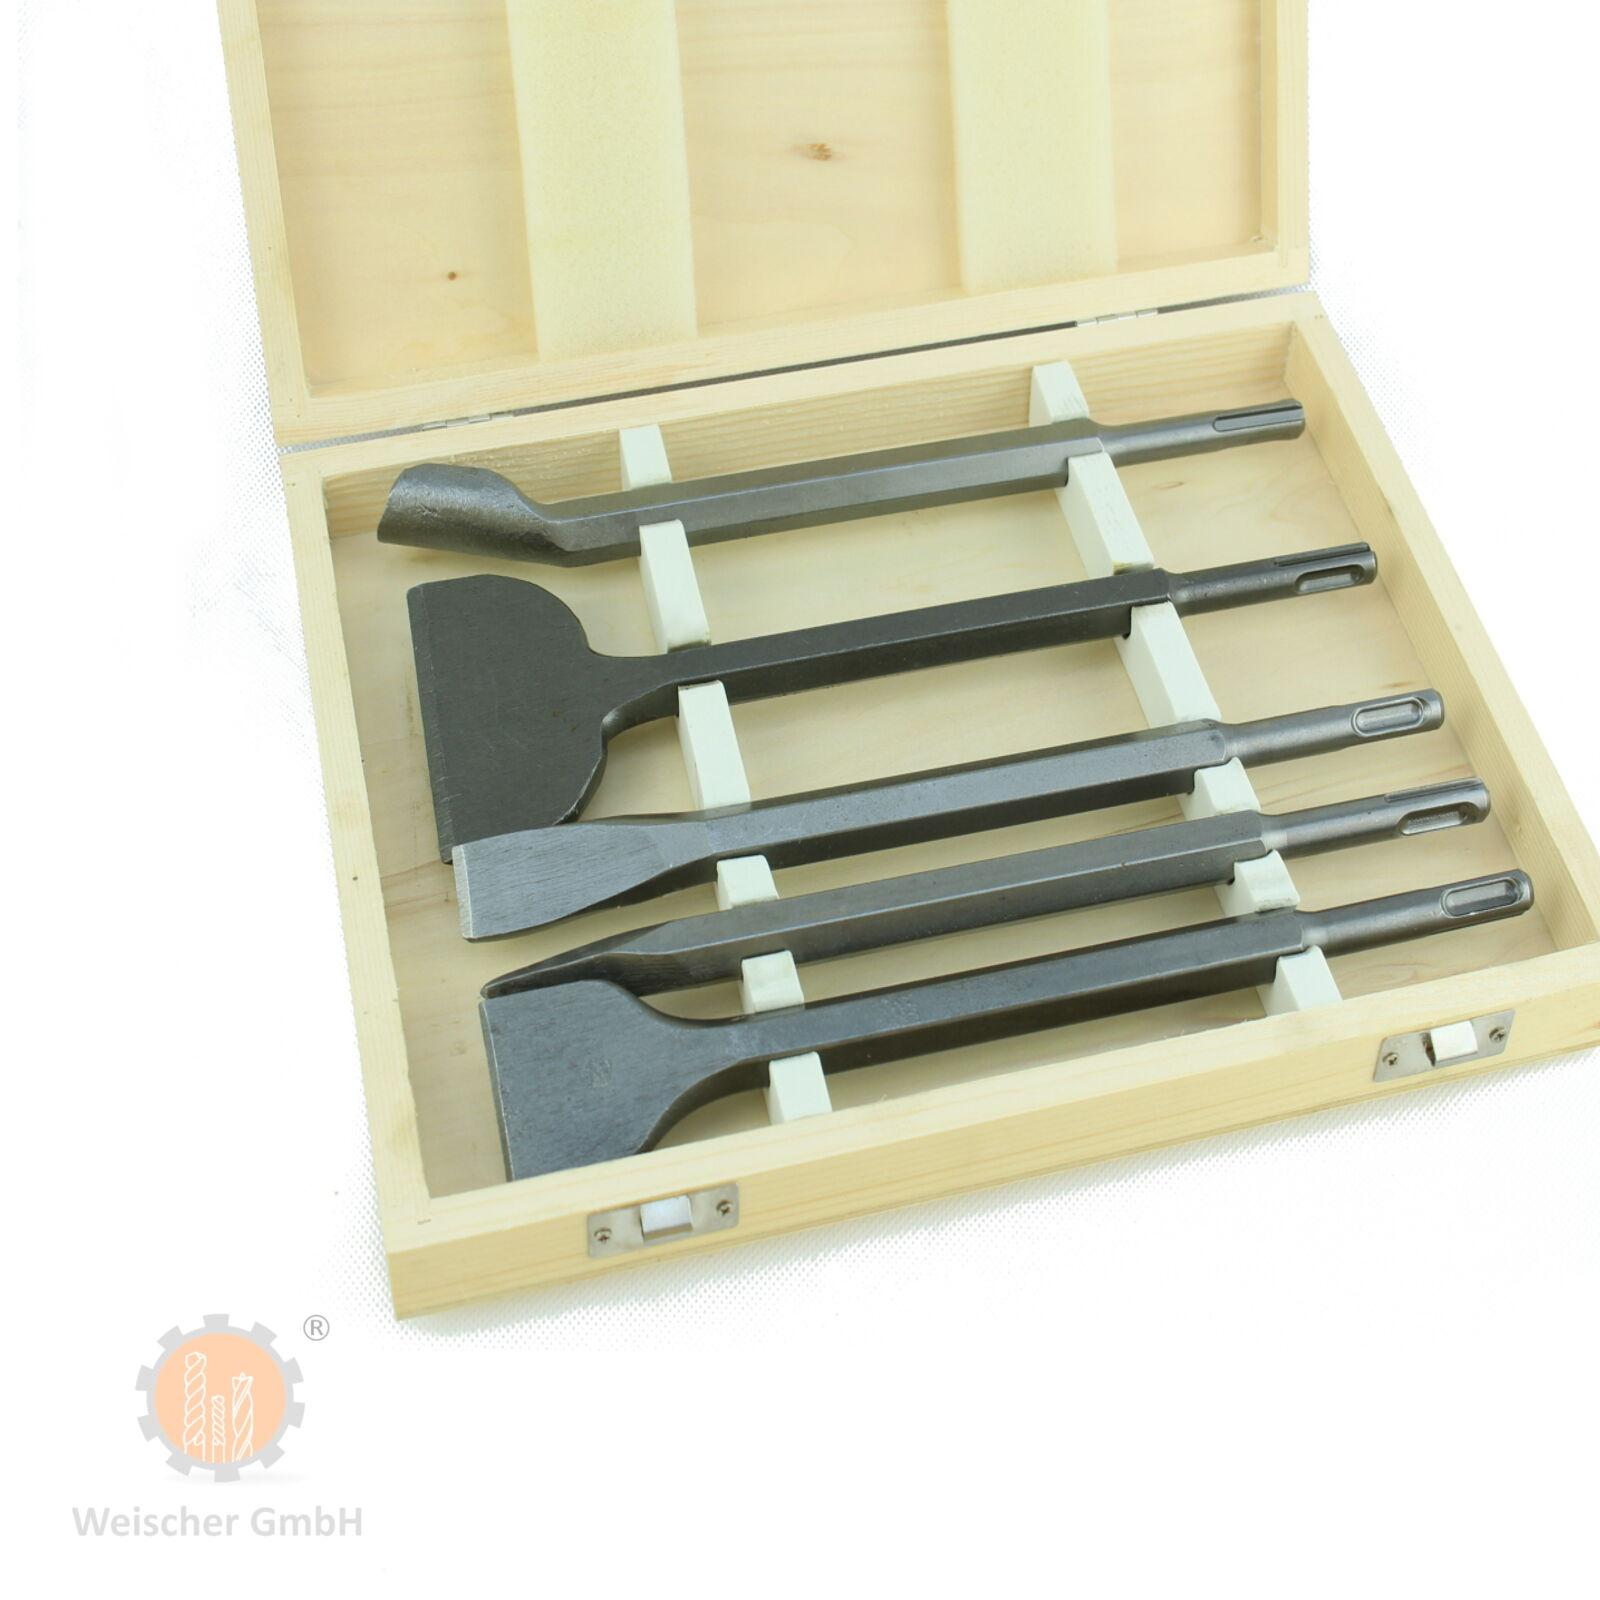 SDS Plus Meissel Meißel Set 250 mm Kanal Spitz Flach Breit Fliesen mit Koffer